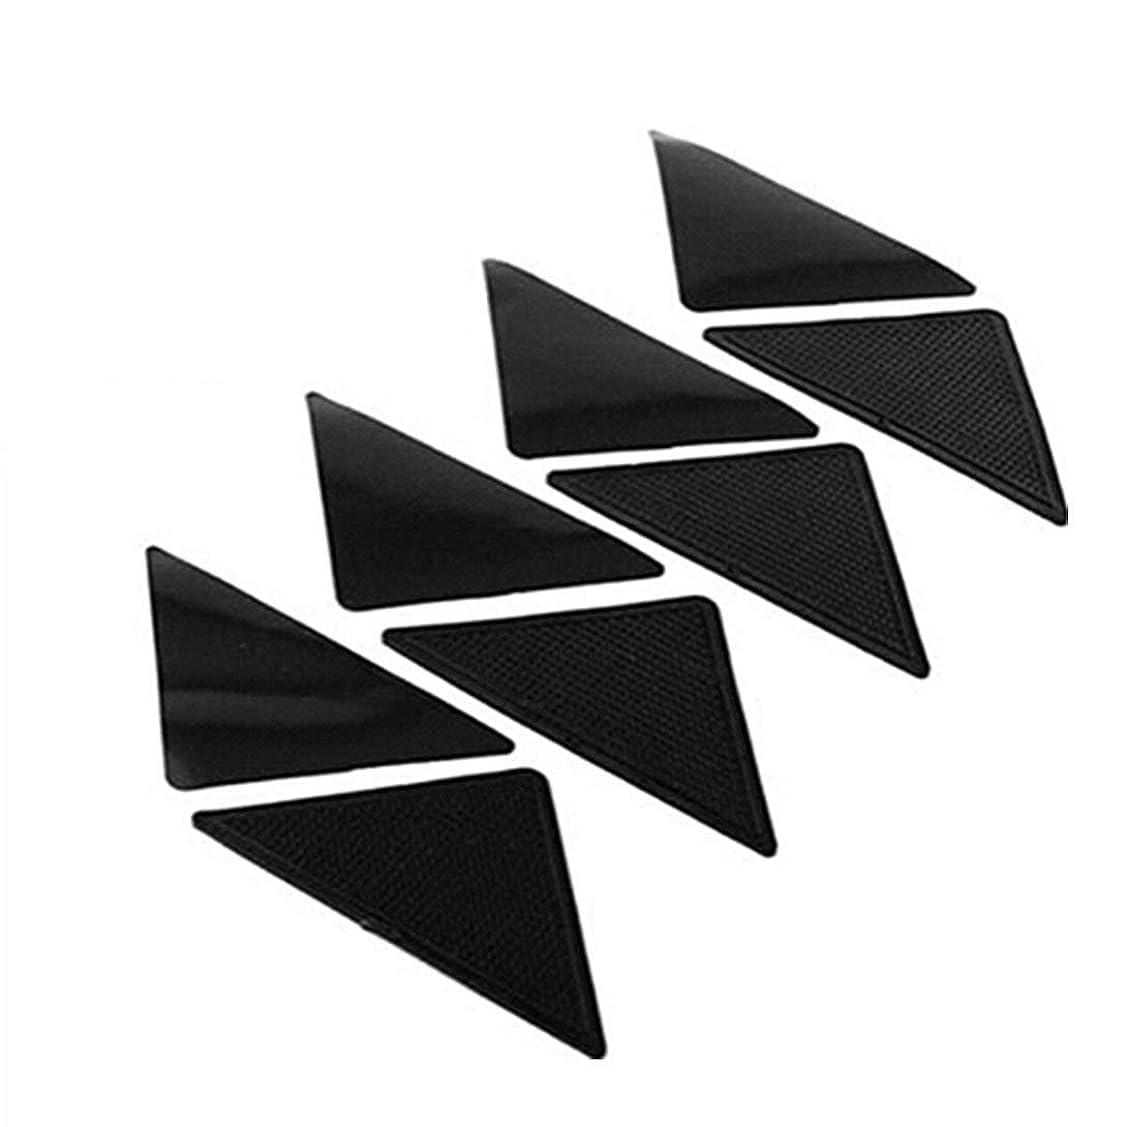 クレジット予測子商標Swiftgood 4個のアンチスキッドカーペットマット滑り止め小さなコーナー三角パッド洗える